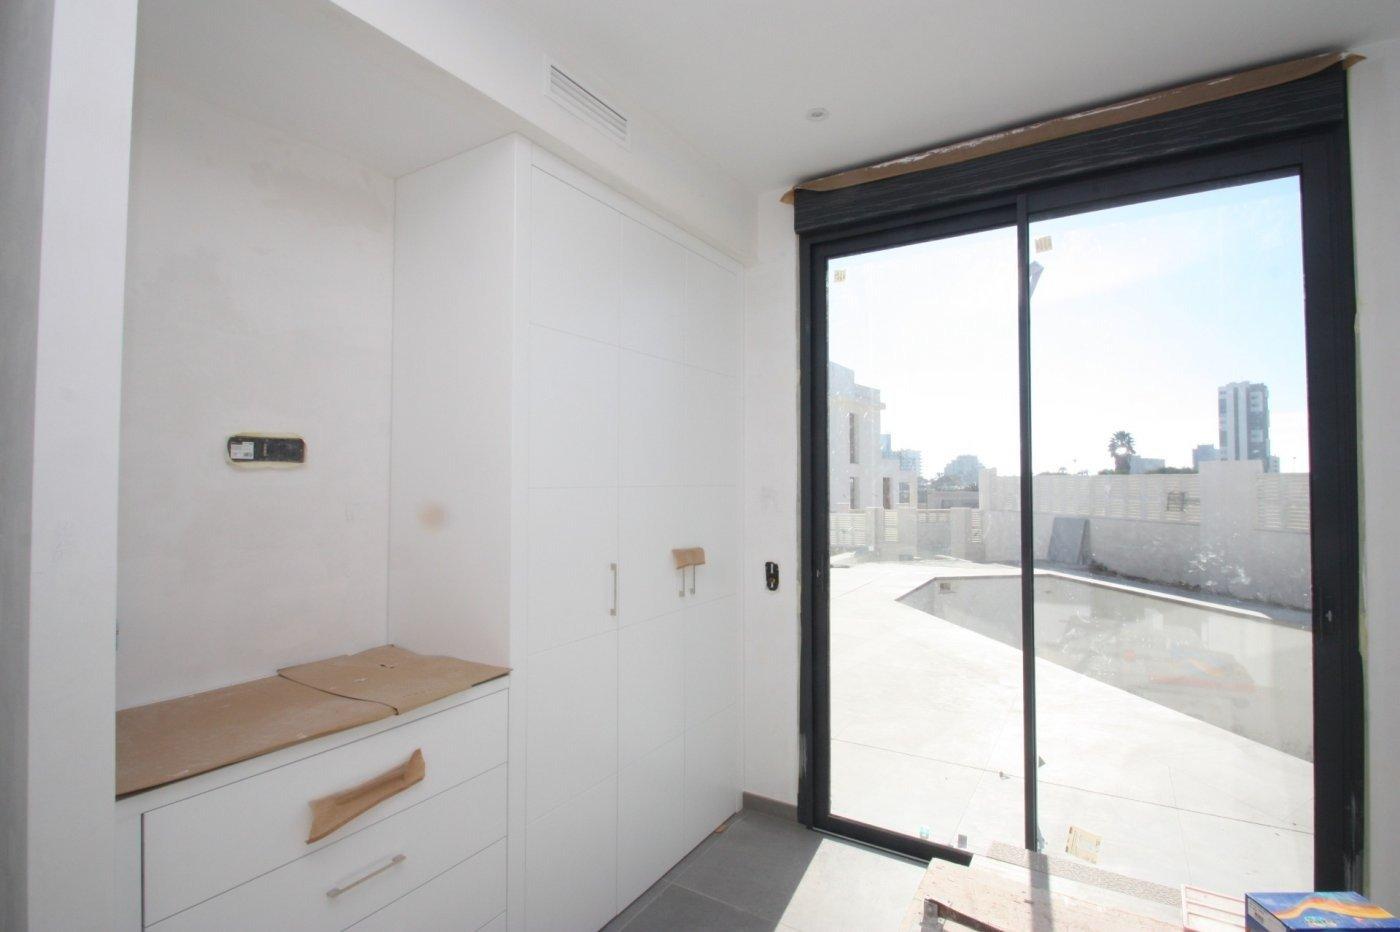 Villa de obra nueva de estilo moderno en venta en calpe a 600 m de la playa - imagenInmueble22